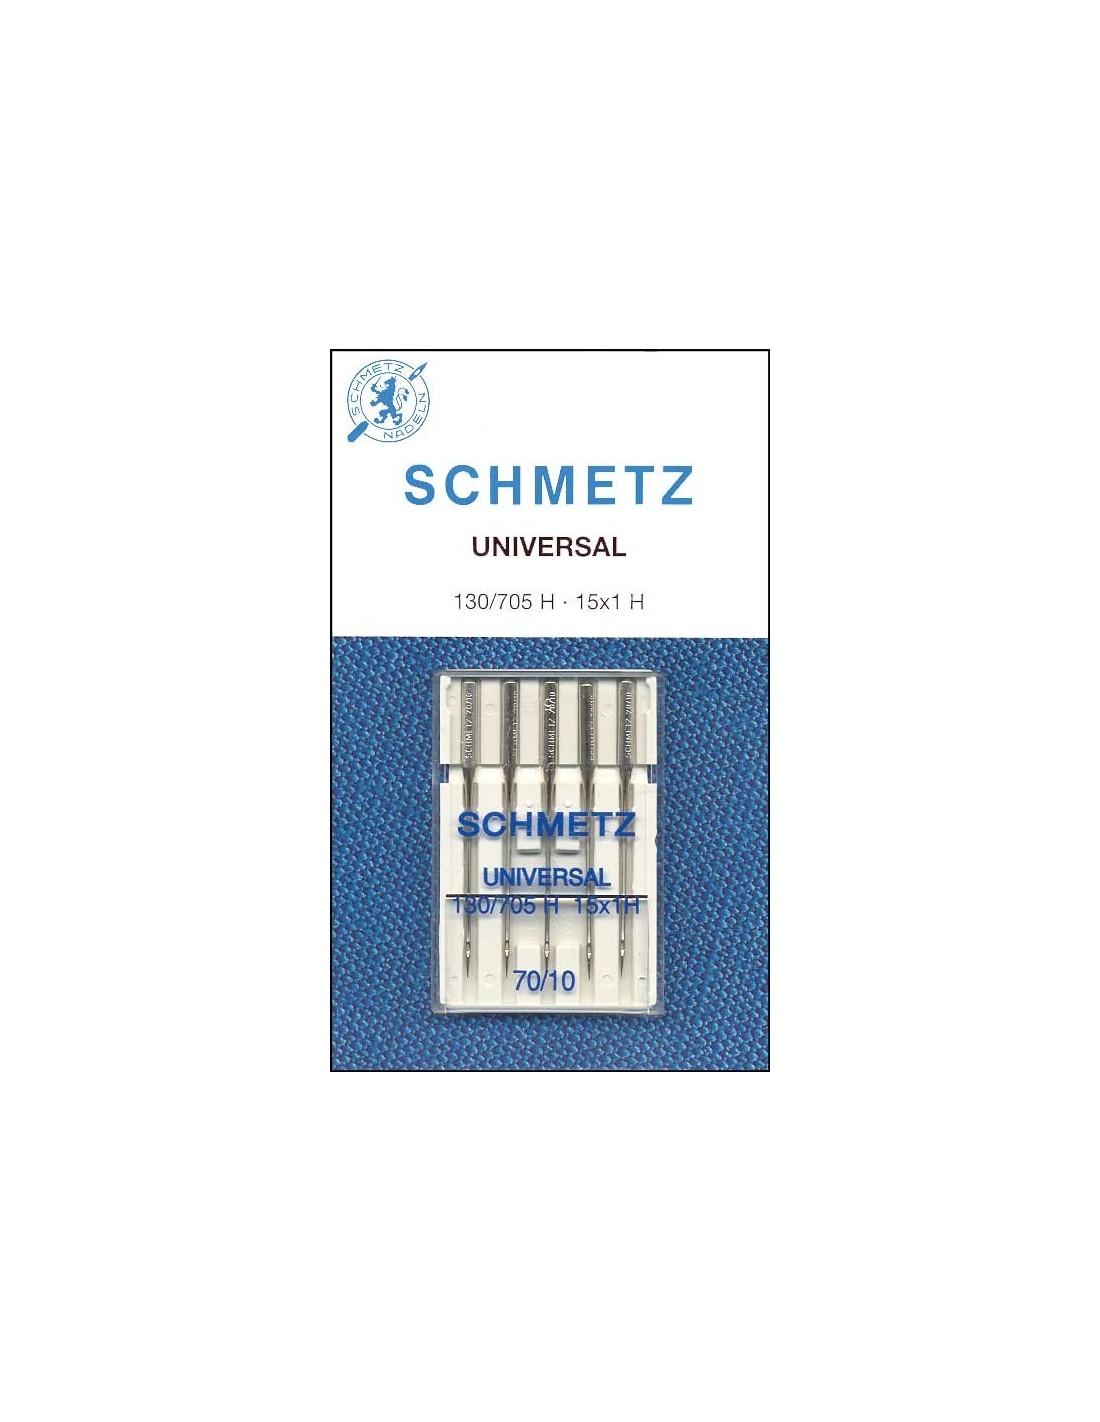 Schmetz Universal Sewing Machines Needles Sewshop